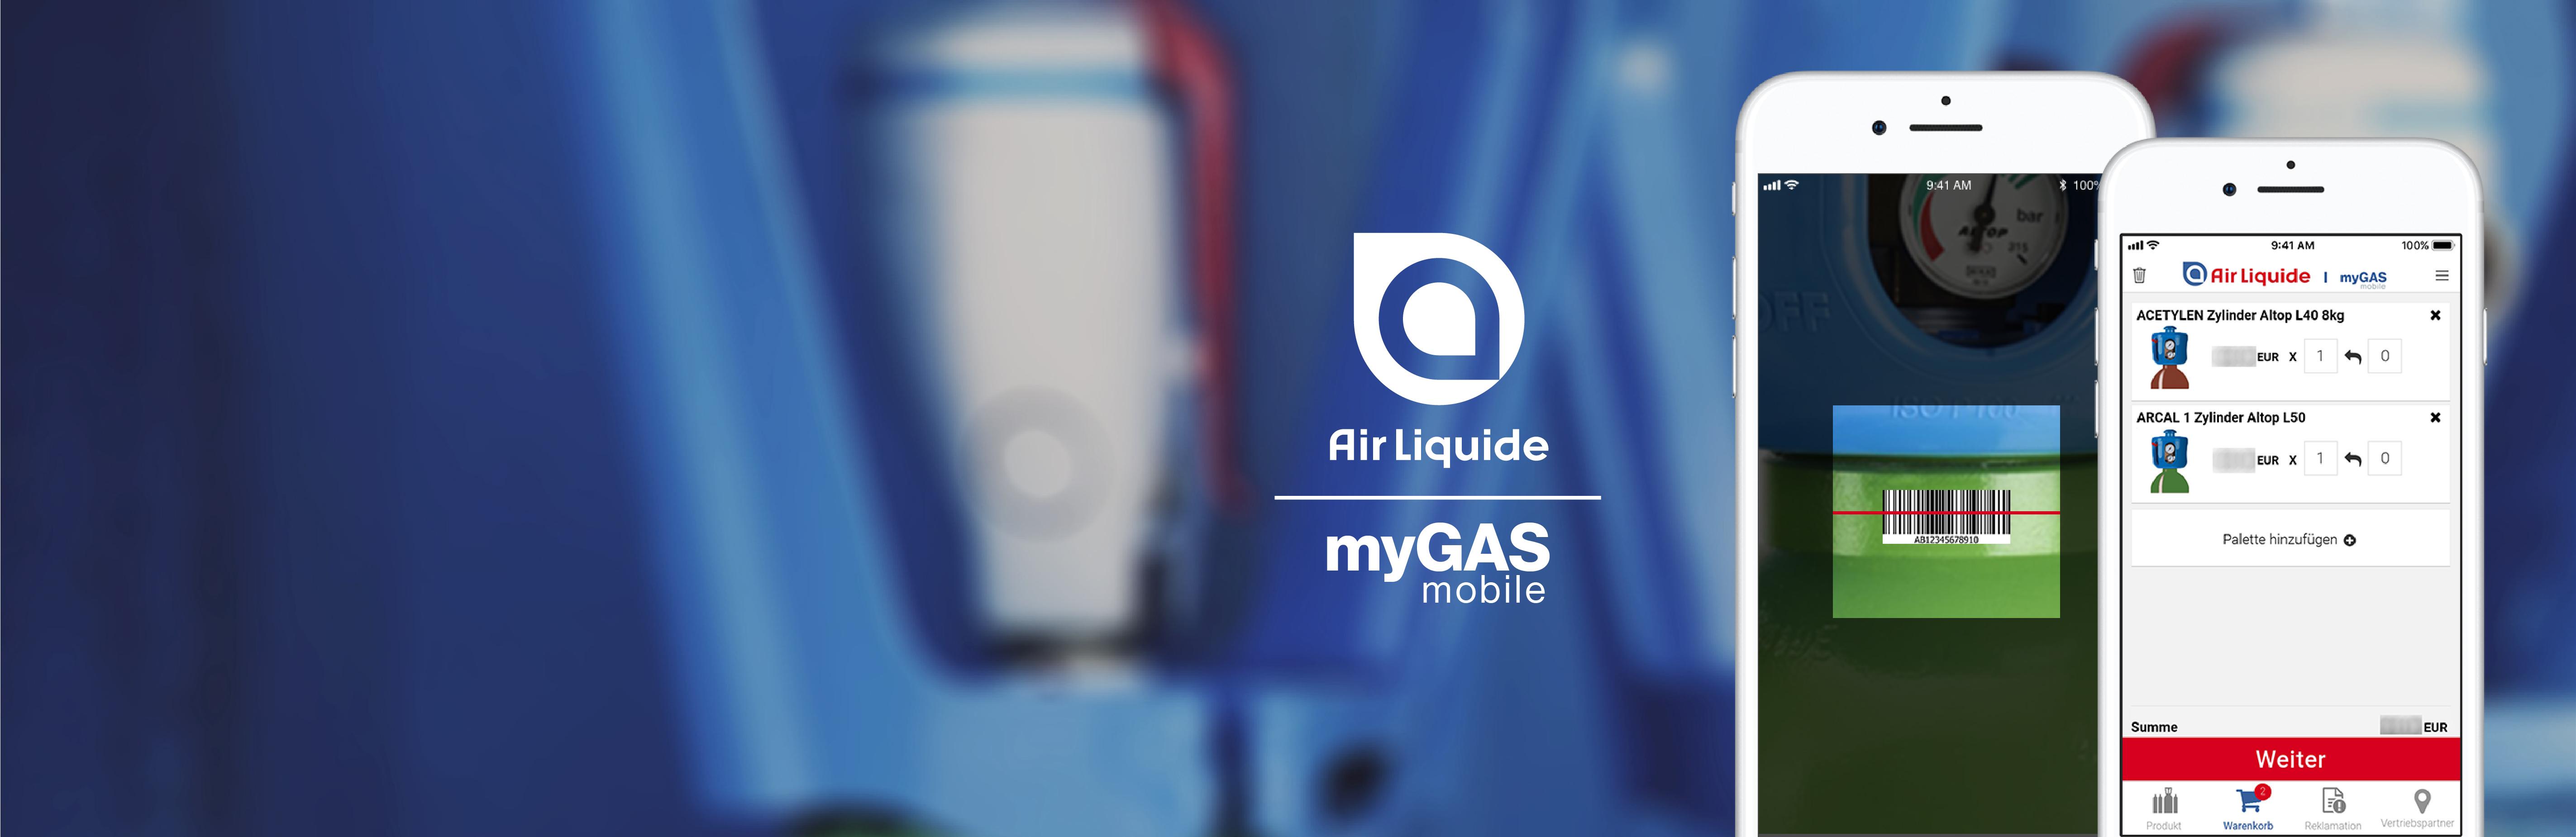 myGAS-App kostenlos herunterladen und installieren